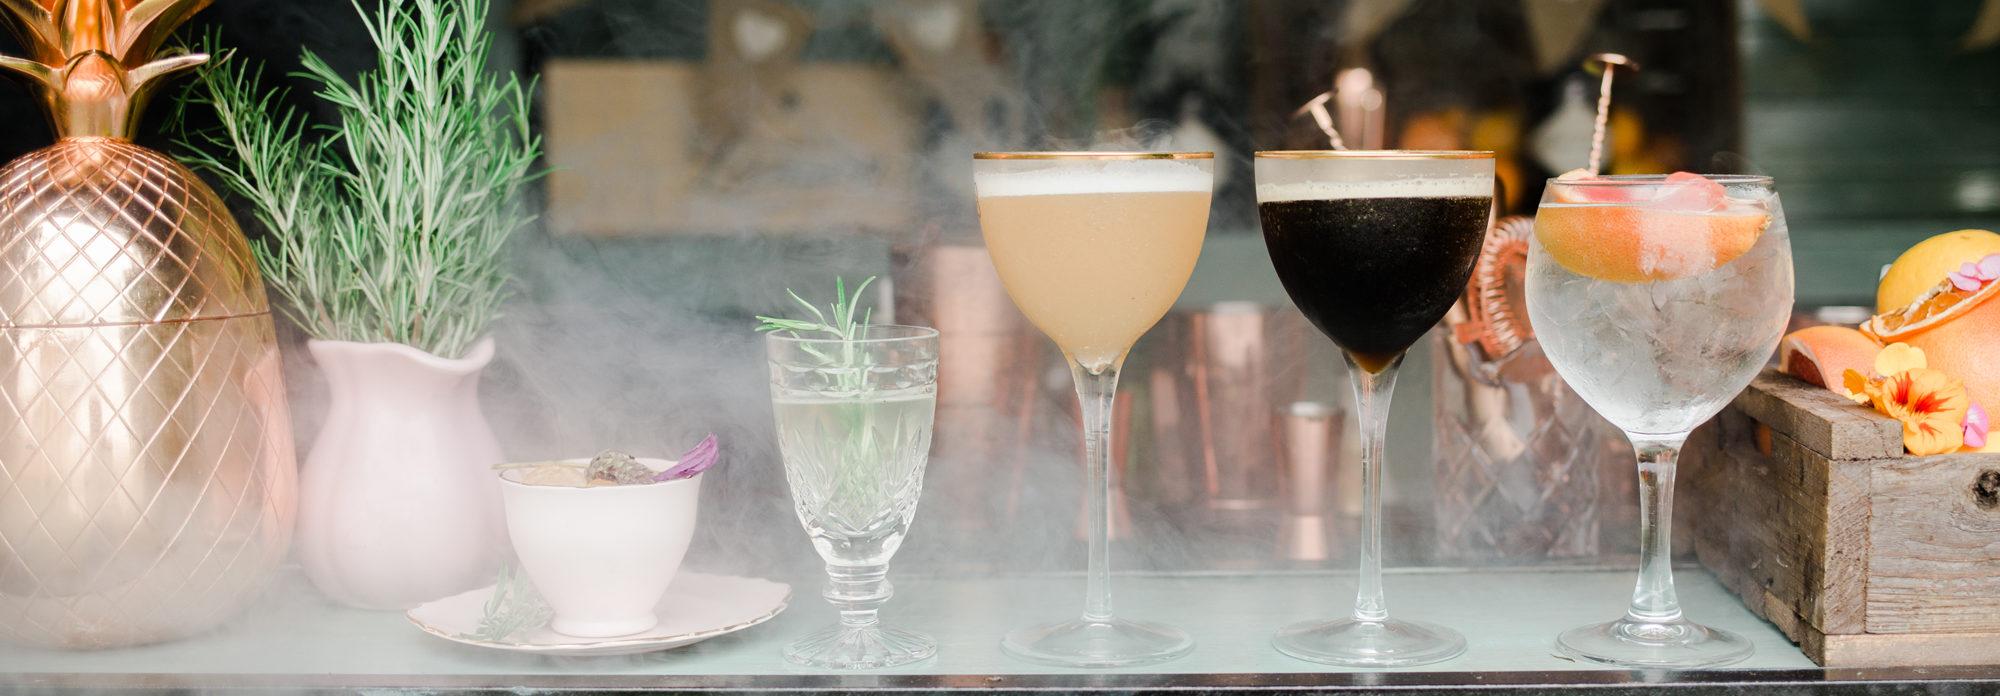 Wedding planning Warwickshrie cocktails